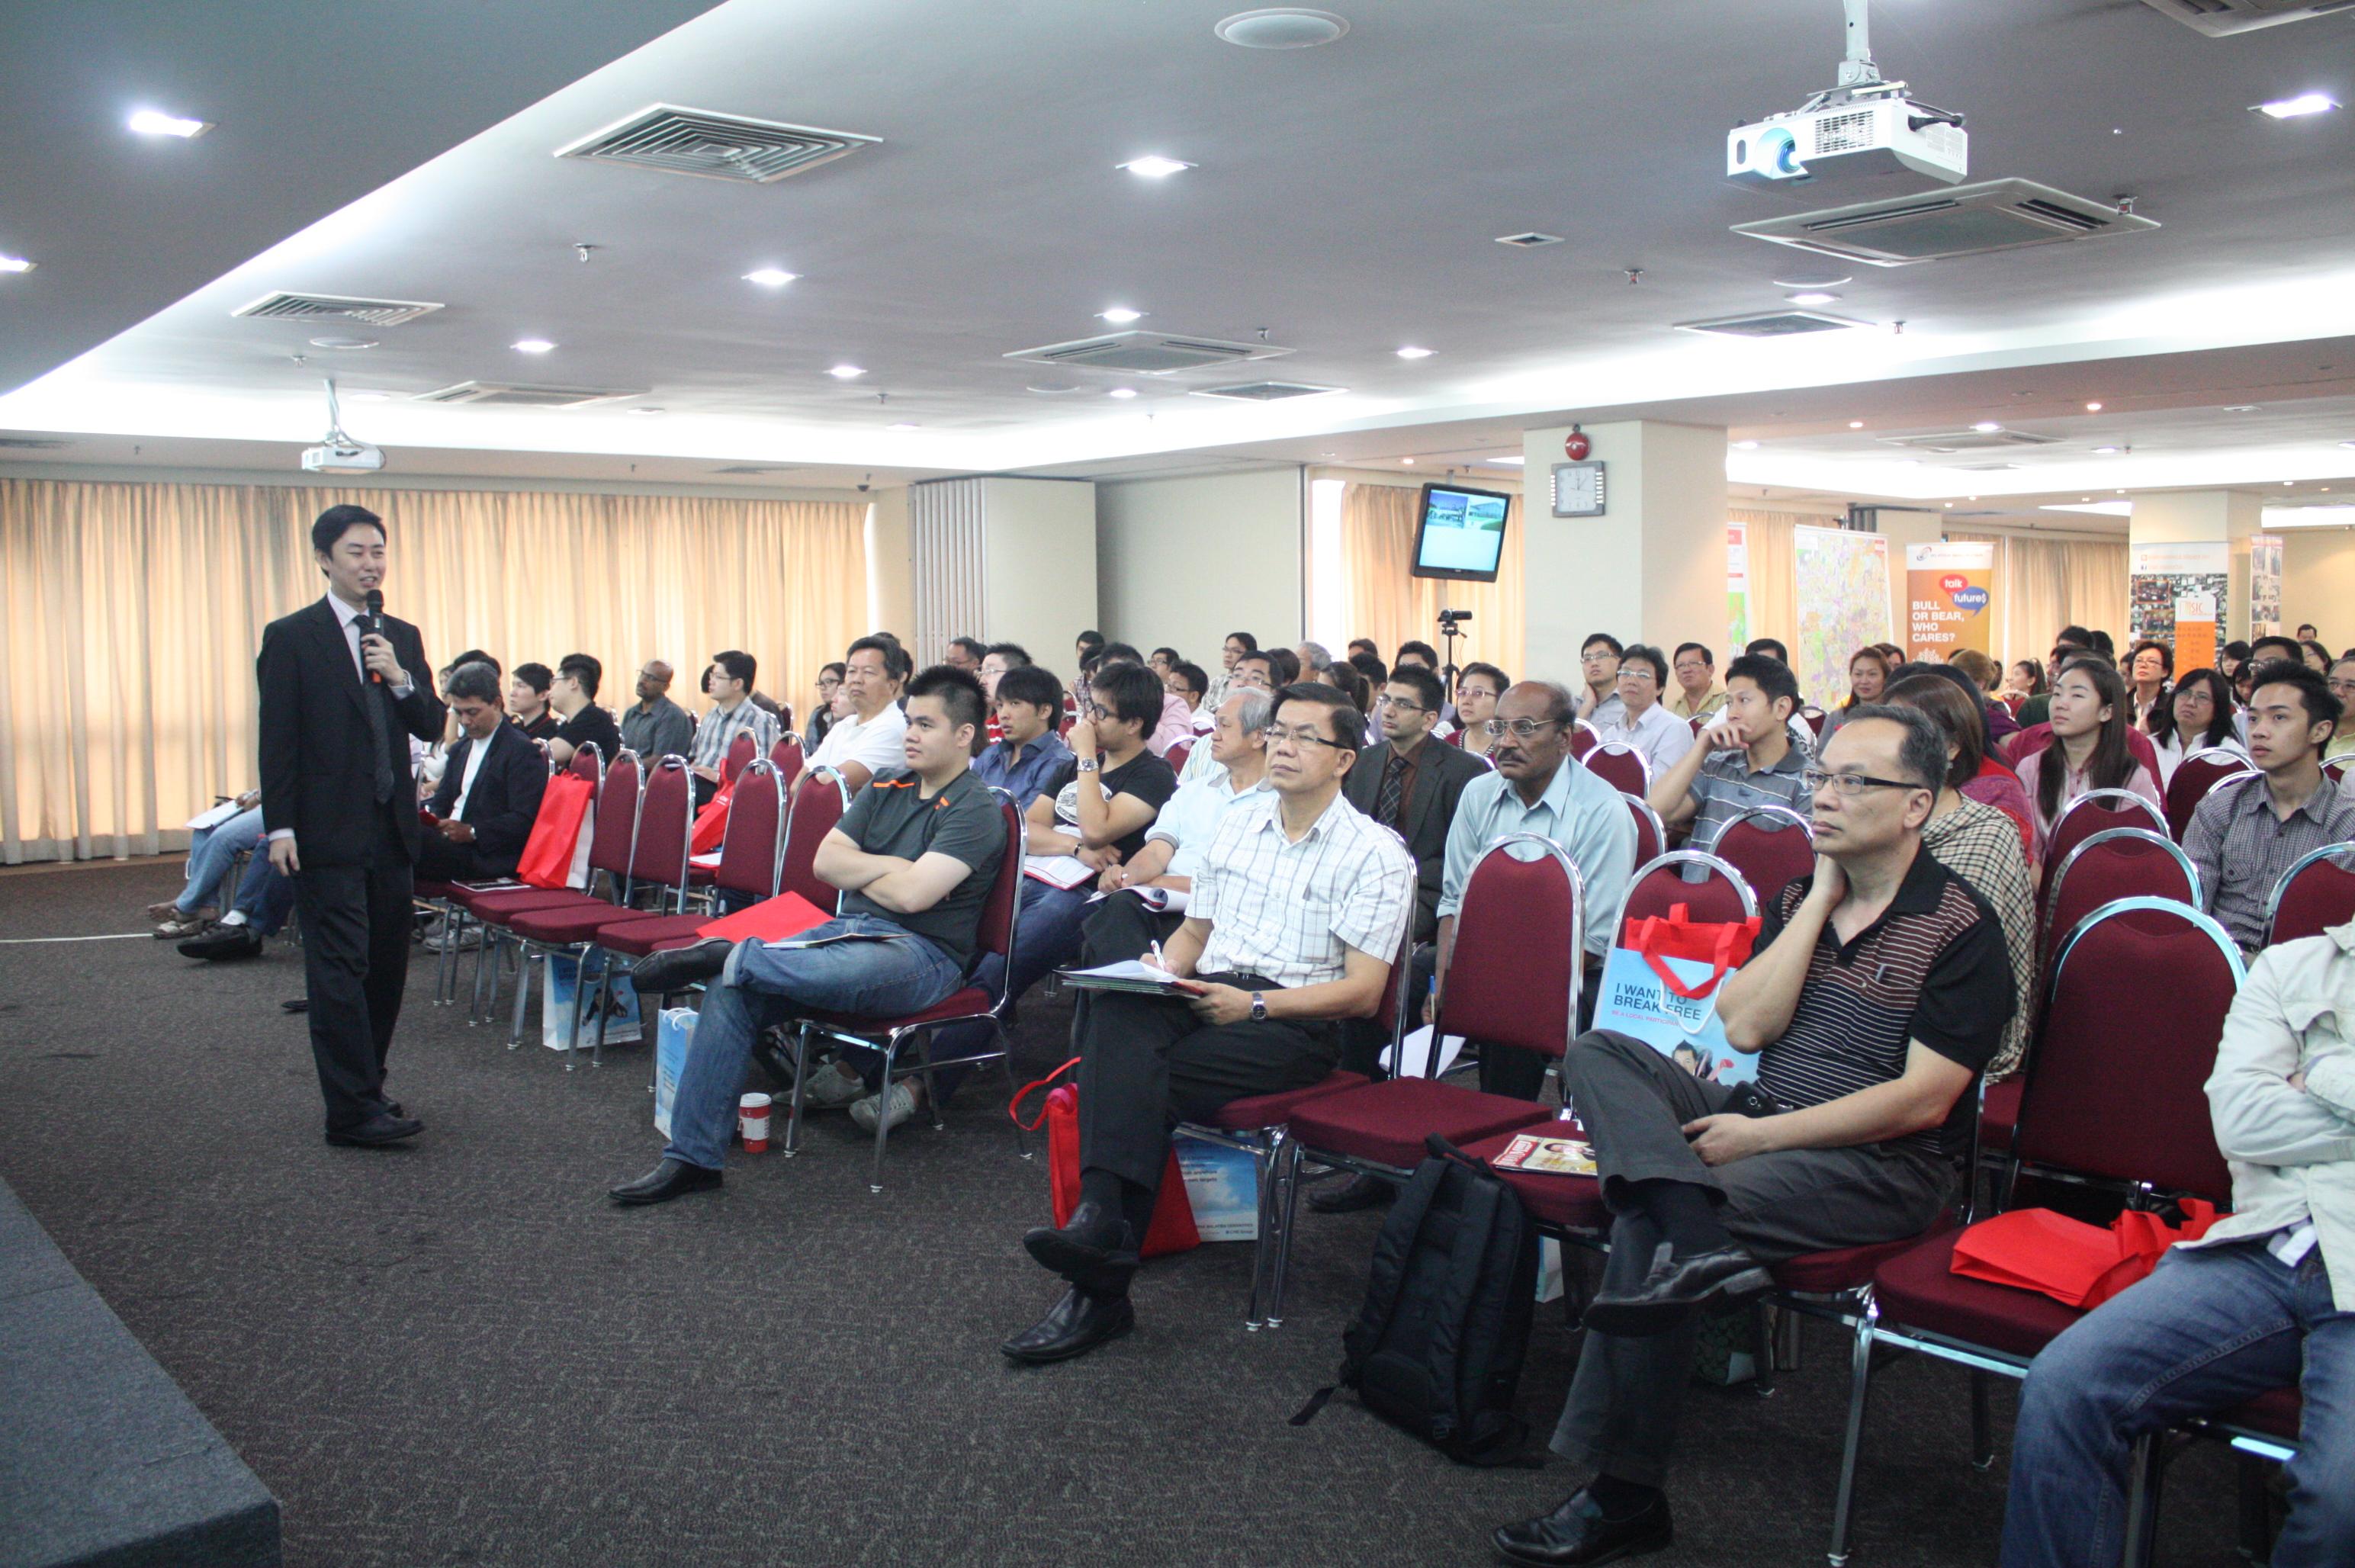 SIC AmInv 2012 Talk